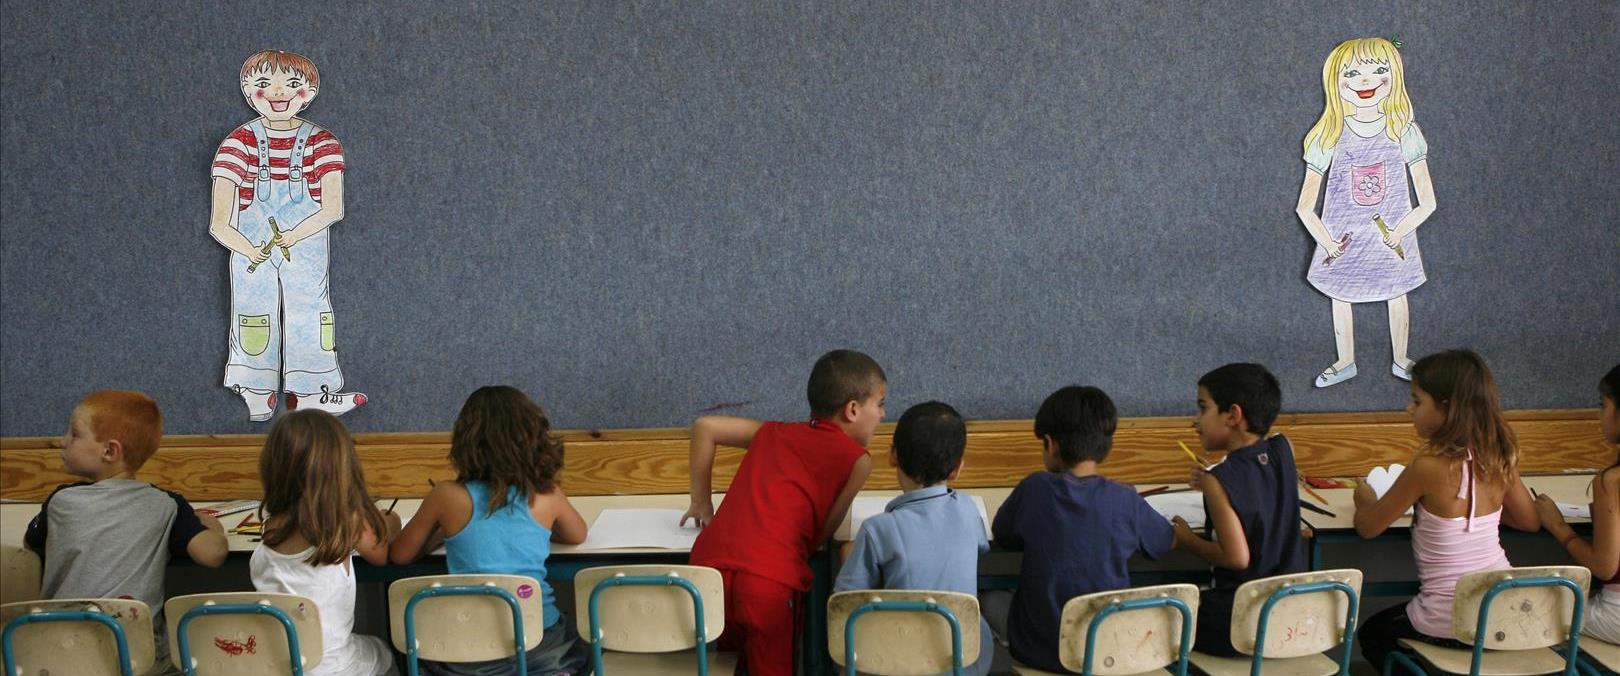 תלמידים בכיתה, אילוסטרציה